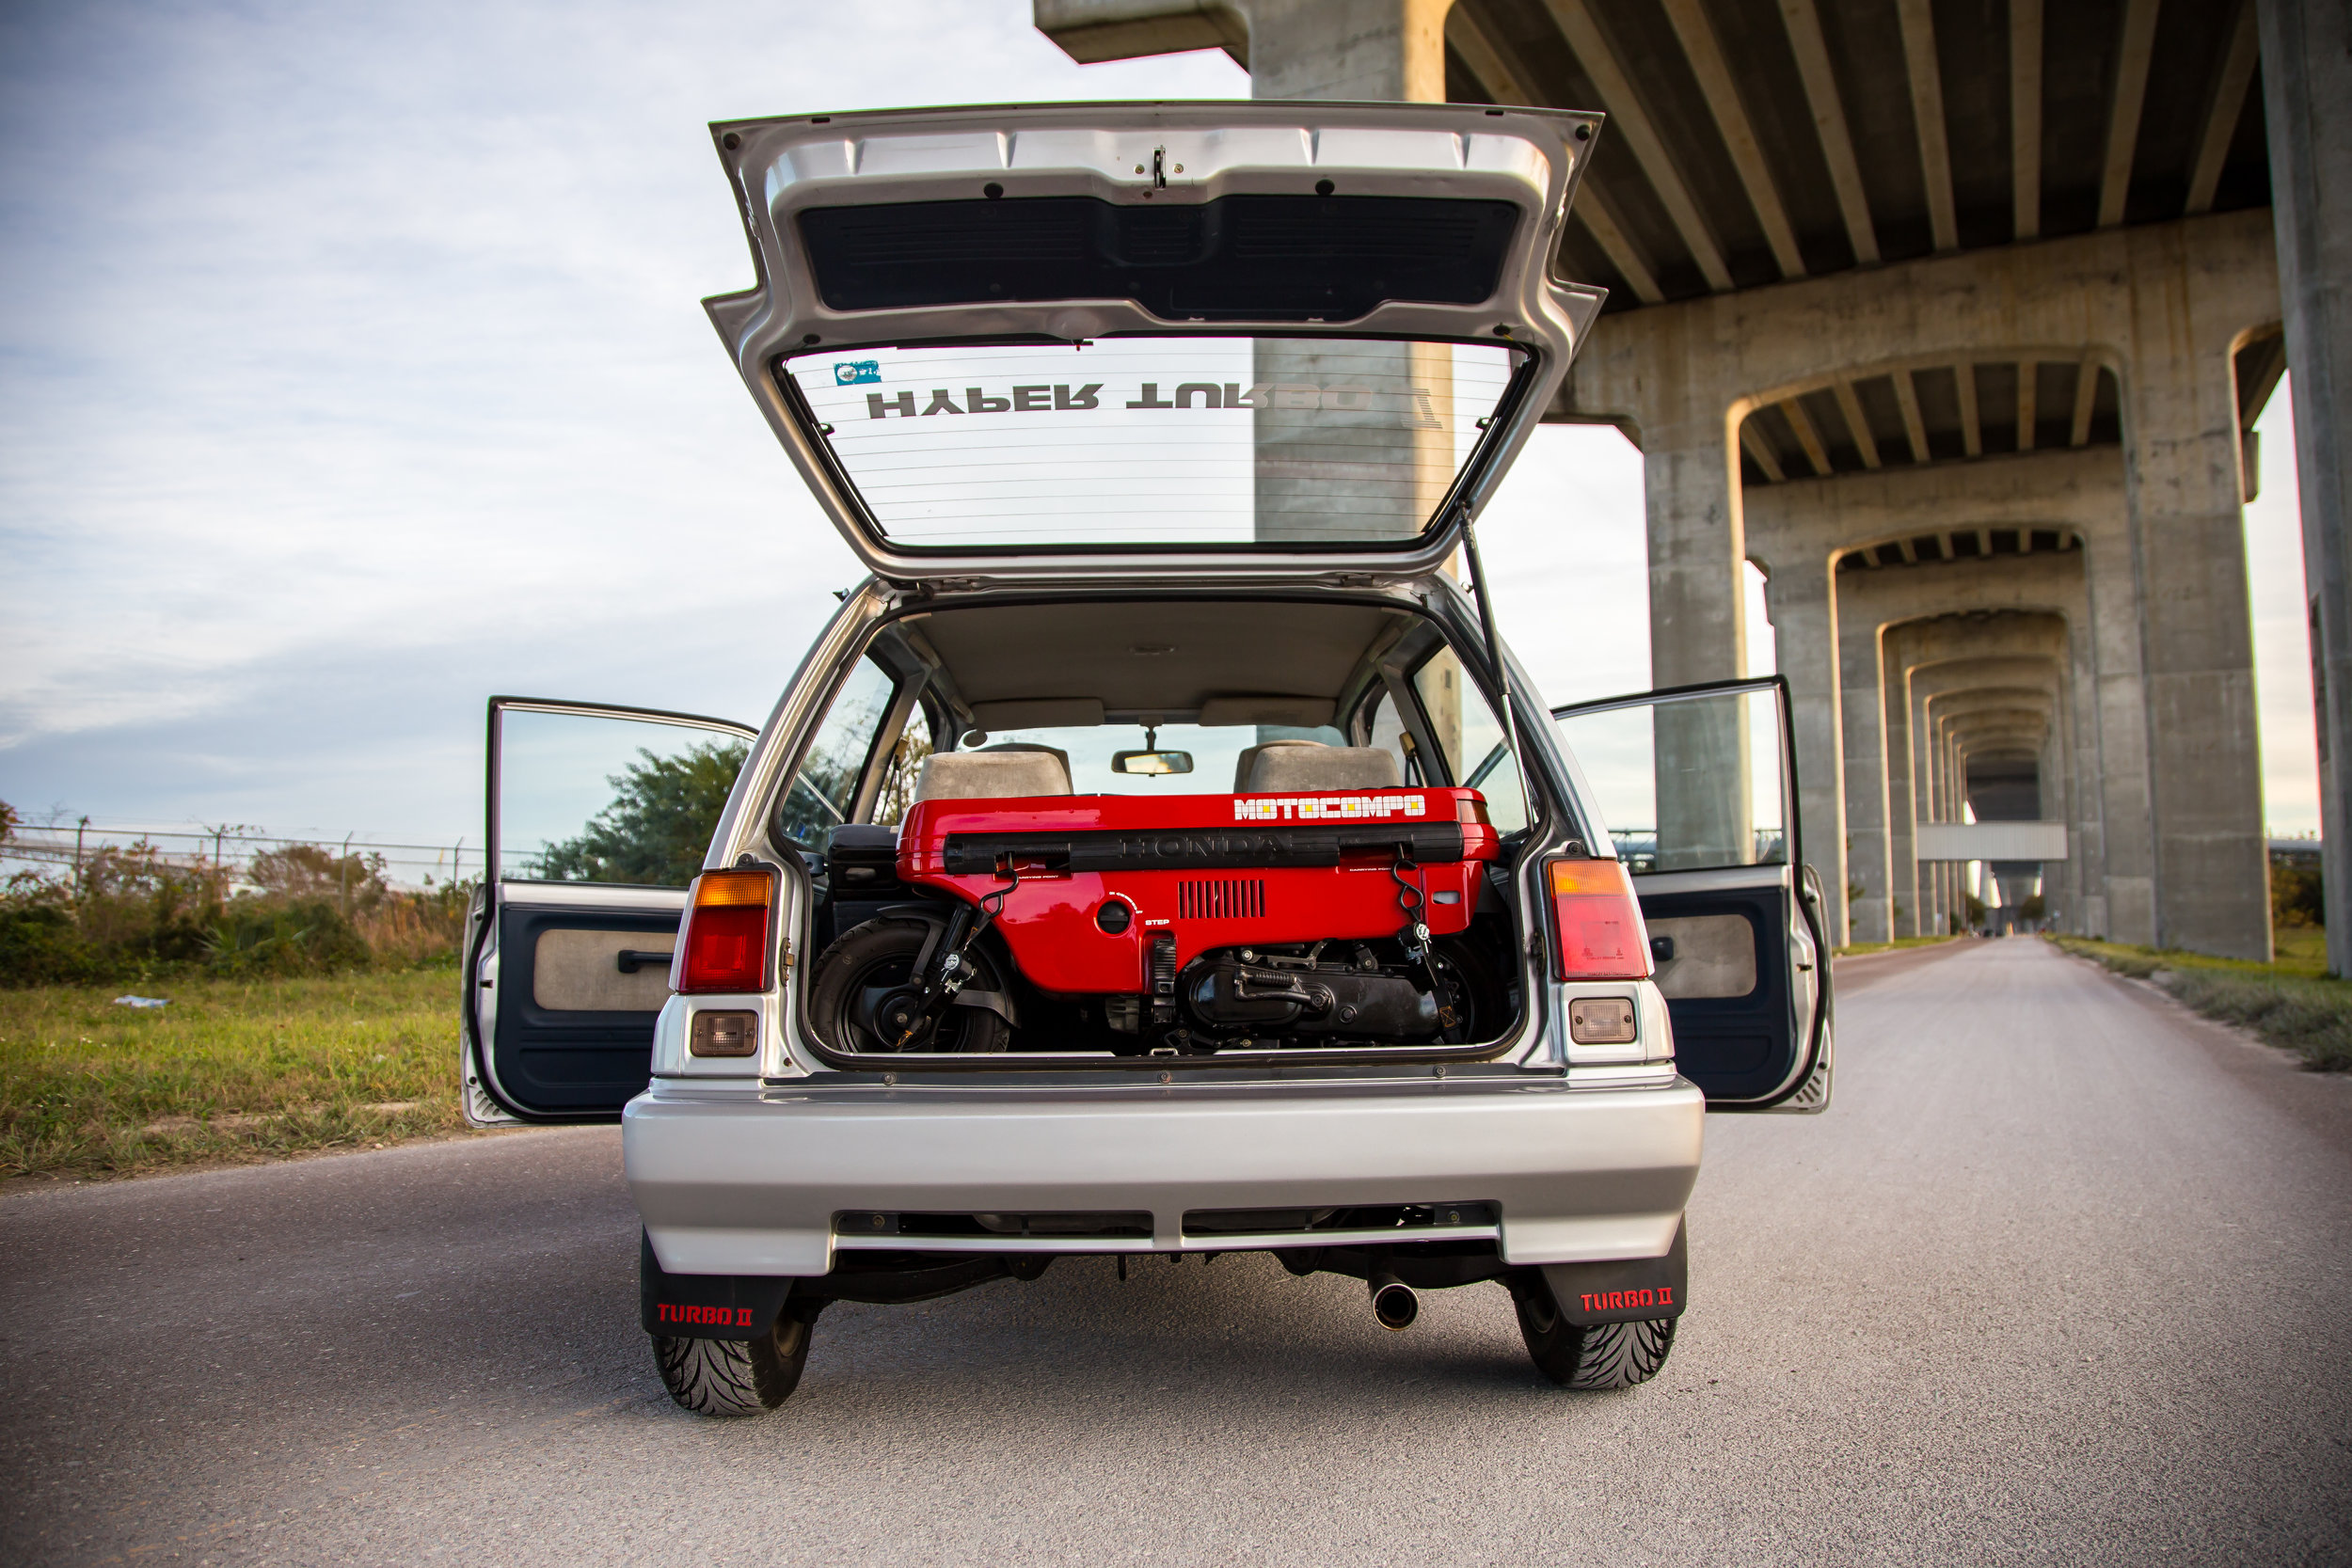 1983-honda-city-turbo-ii--motocompo_45660875774_o.jpg